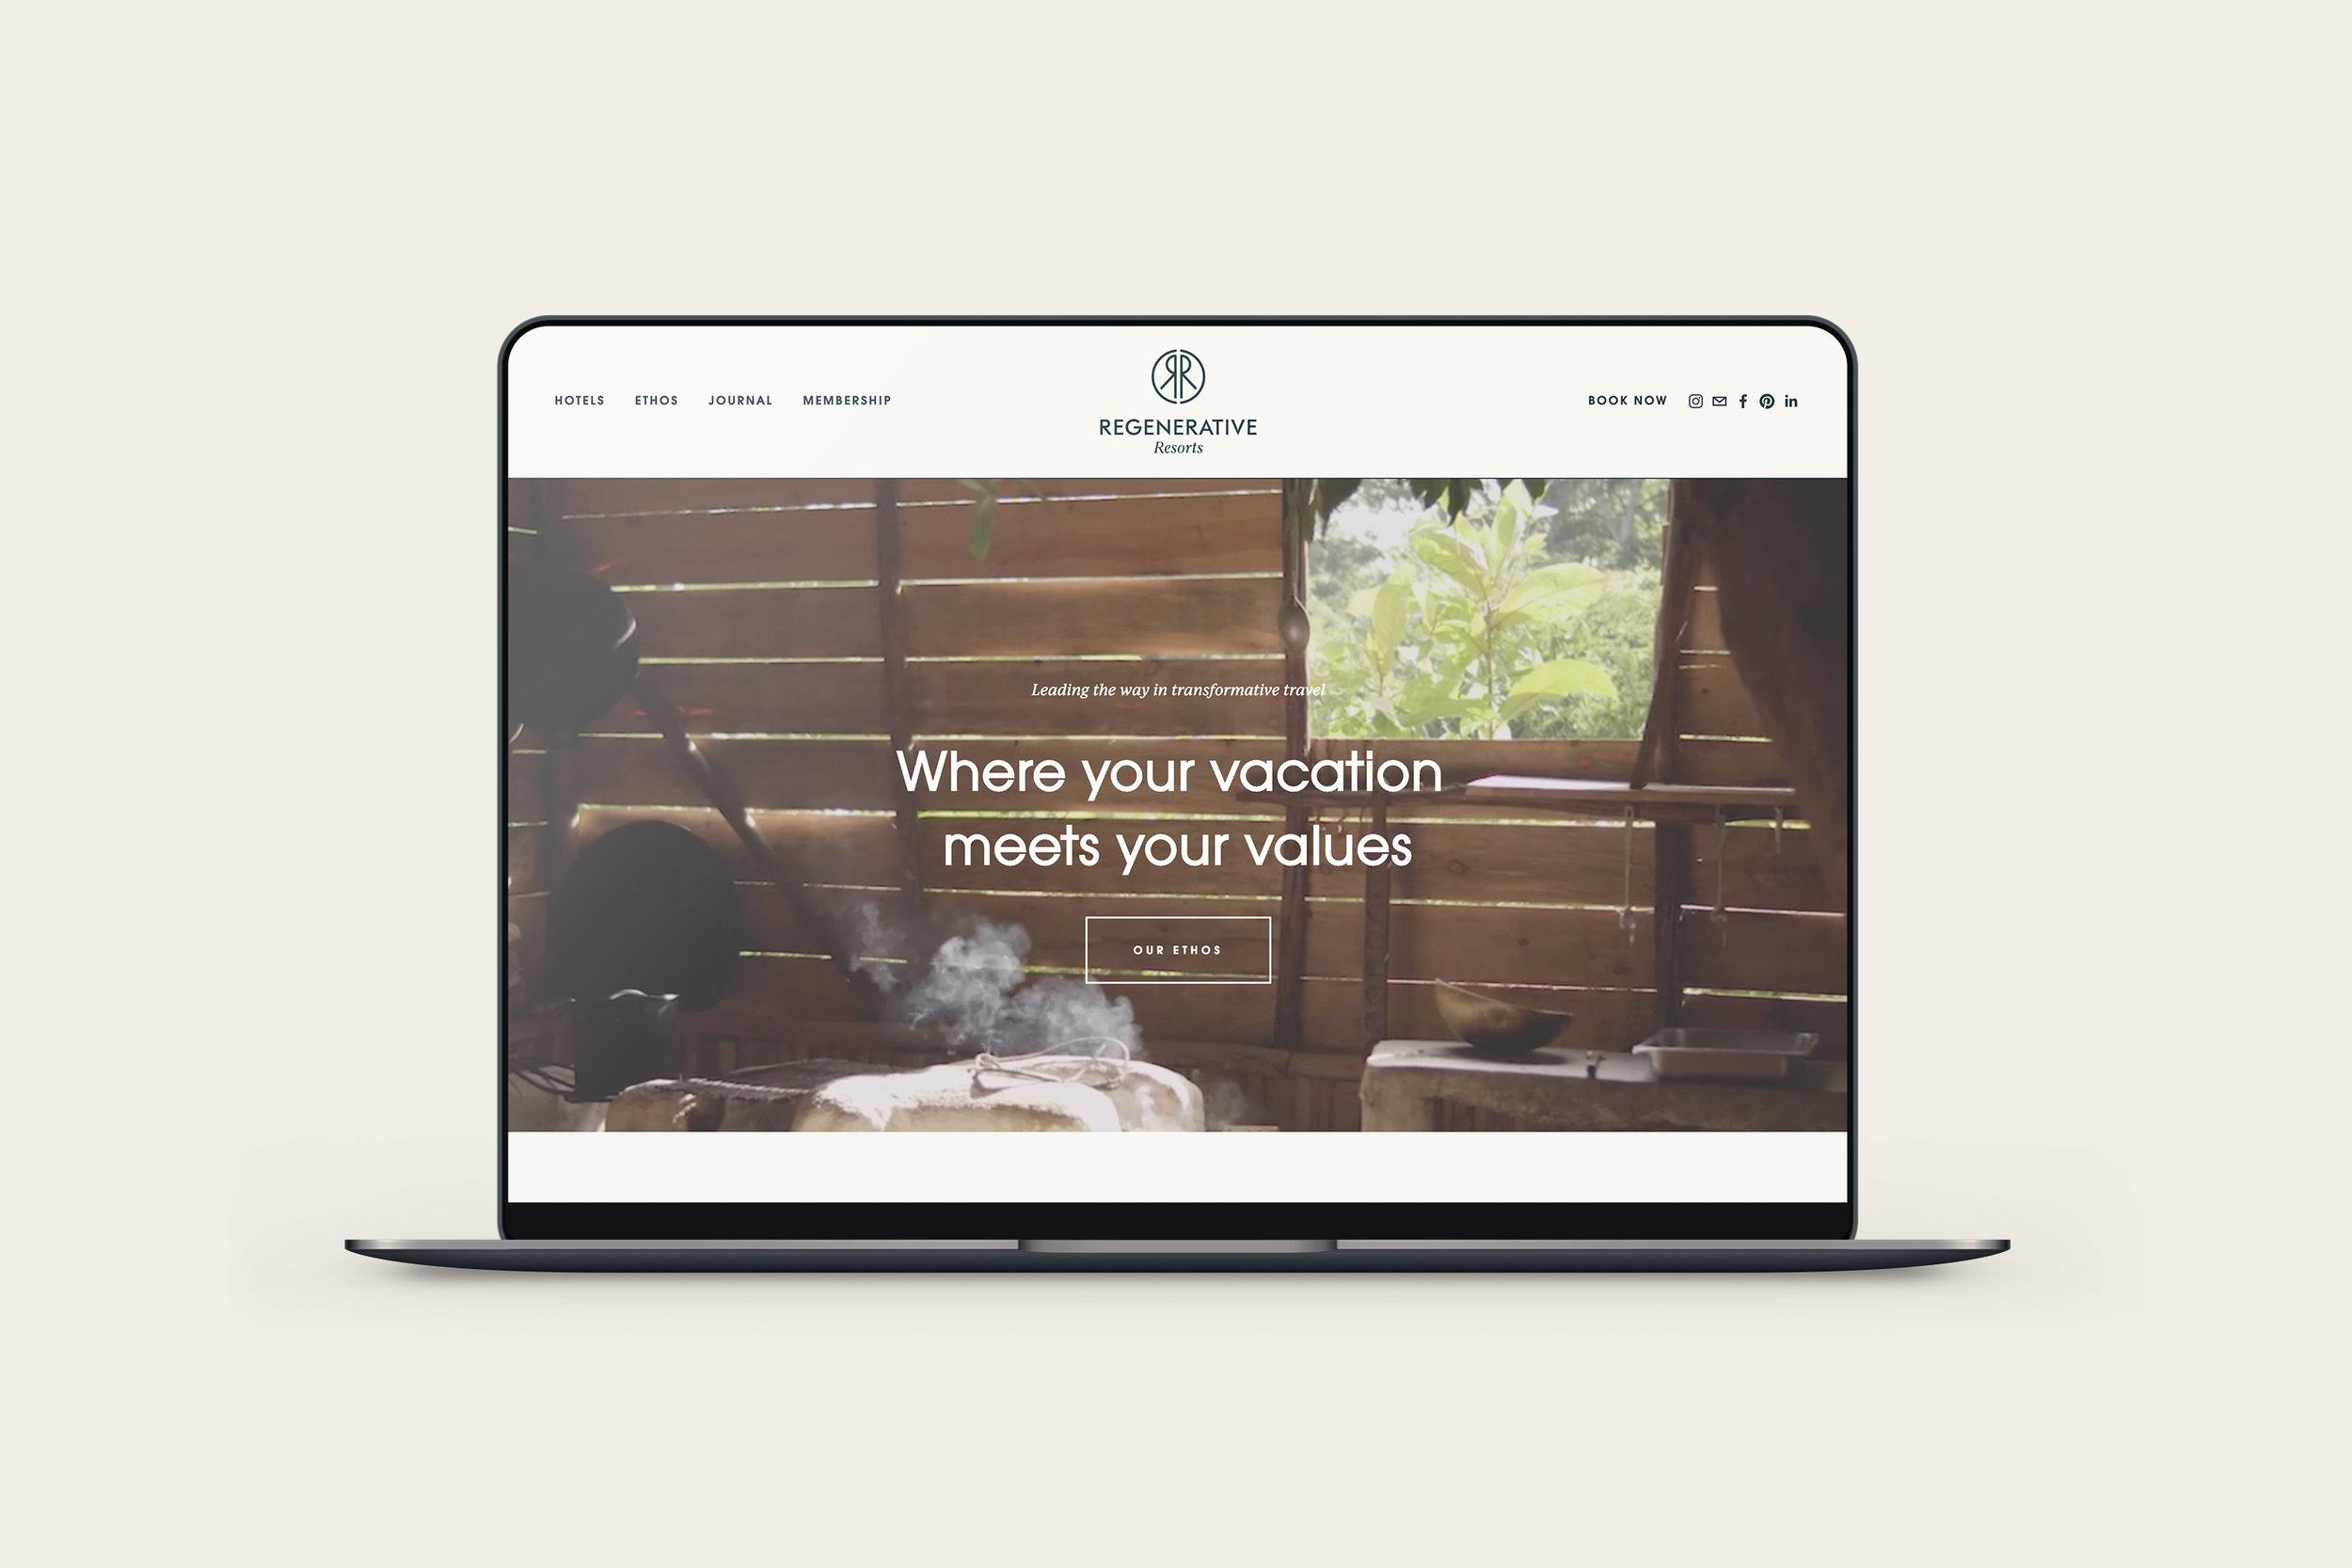 Macbook-Pro-04.jpg